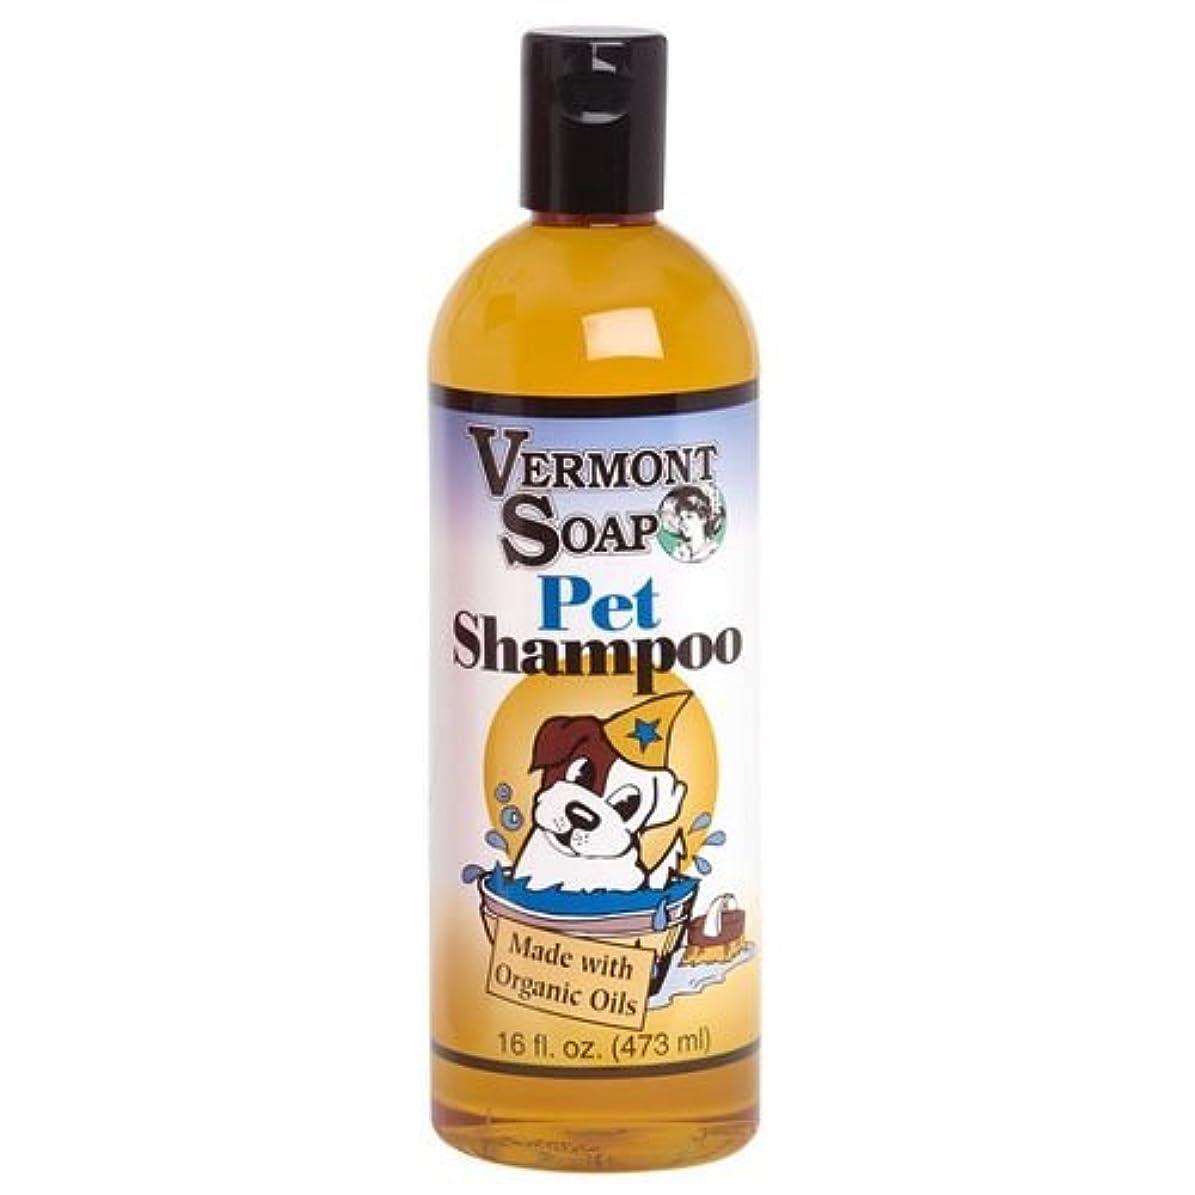 東ティモール汚い追い出すバーモントソープ オーガニック ペットシャンプー Pet Shampoo